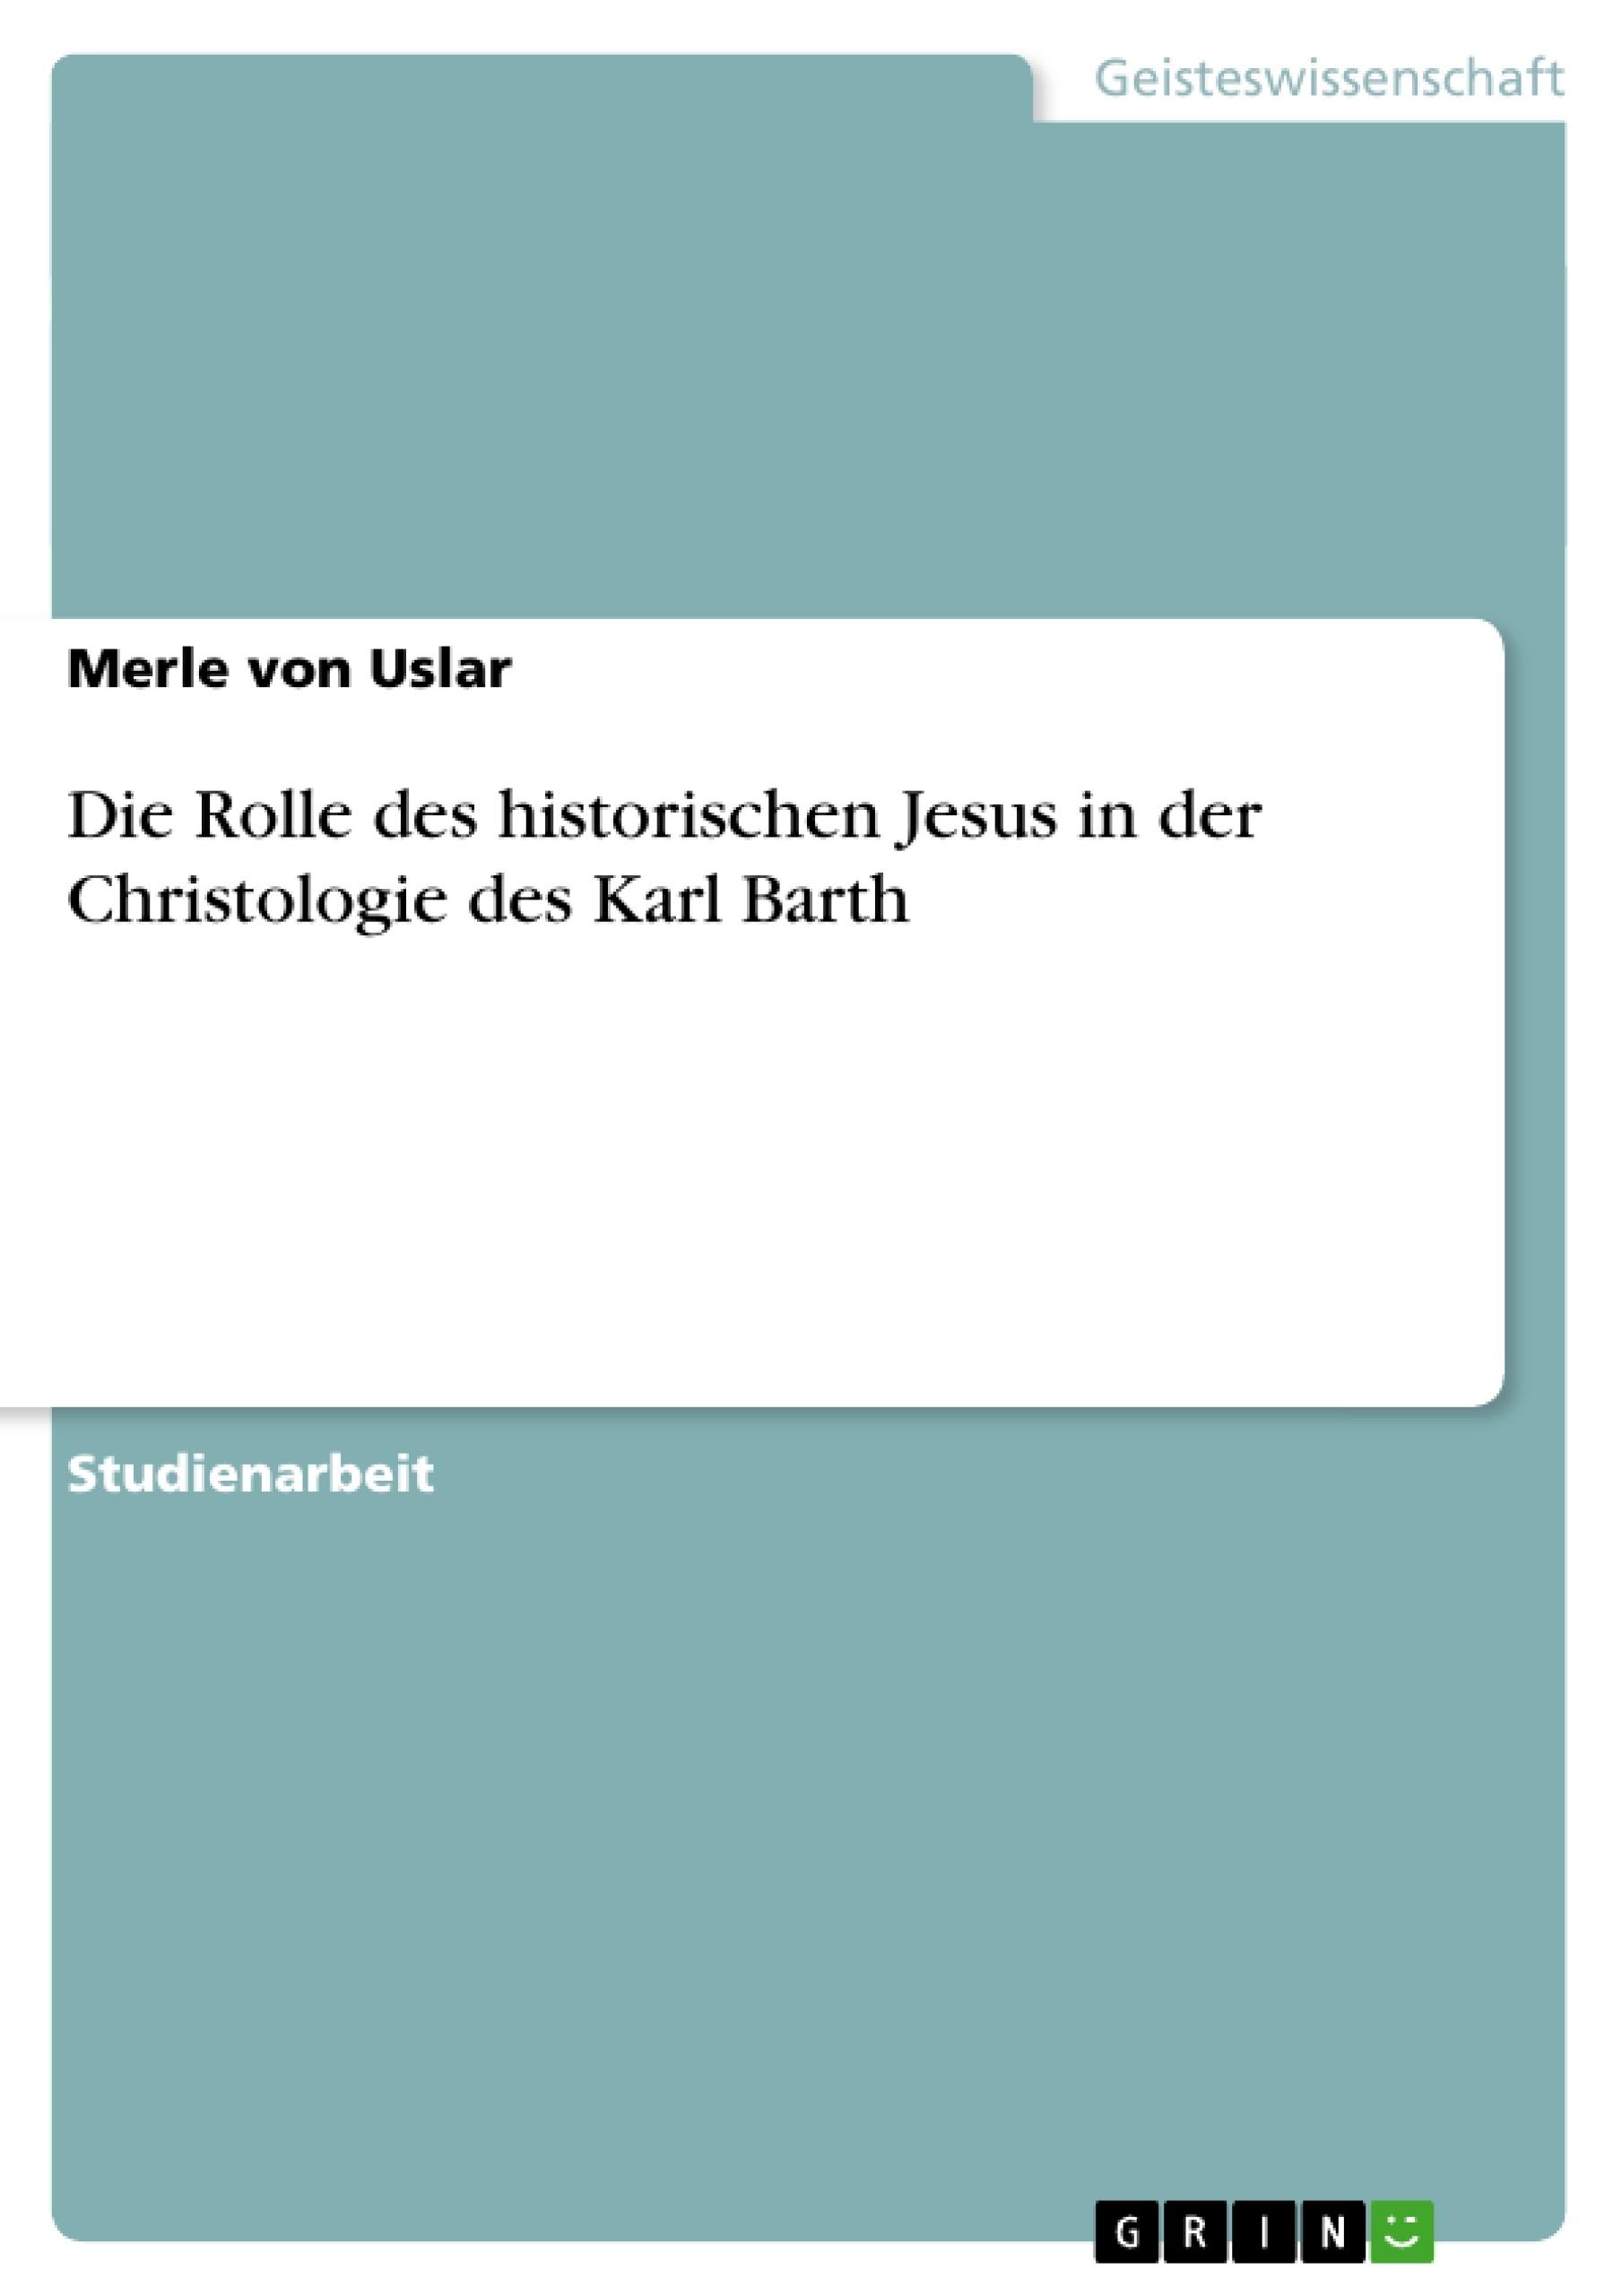 Titel: Die Rolle des historischen Jesus in der Christologie des Karl Barth